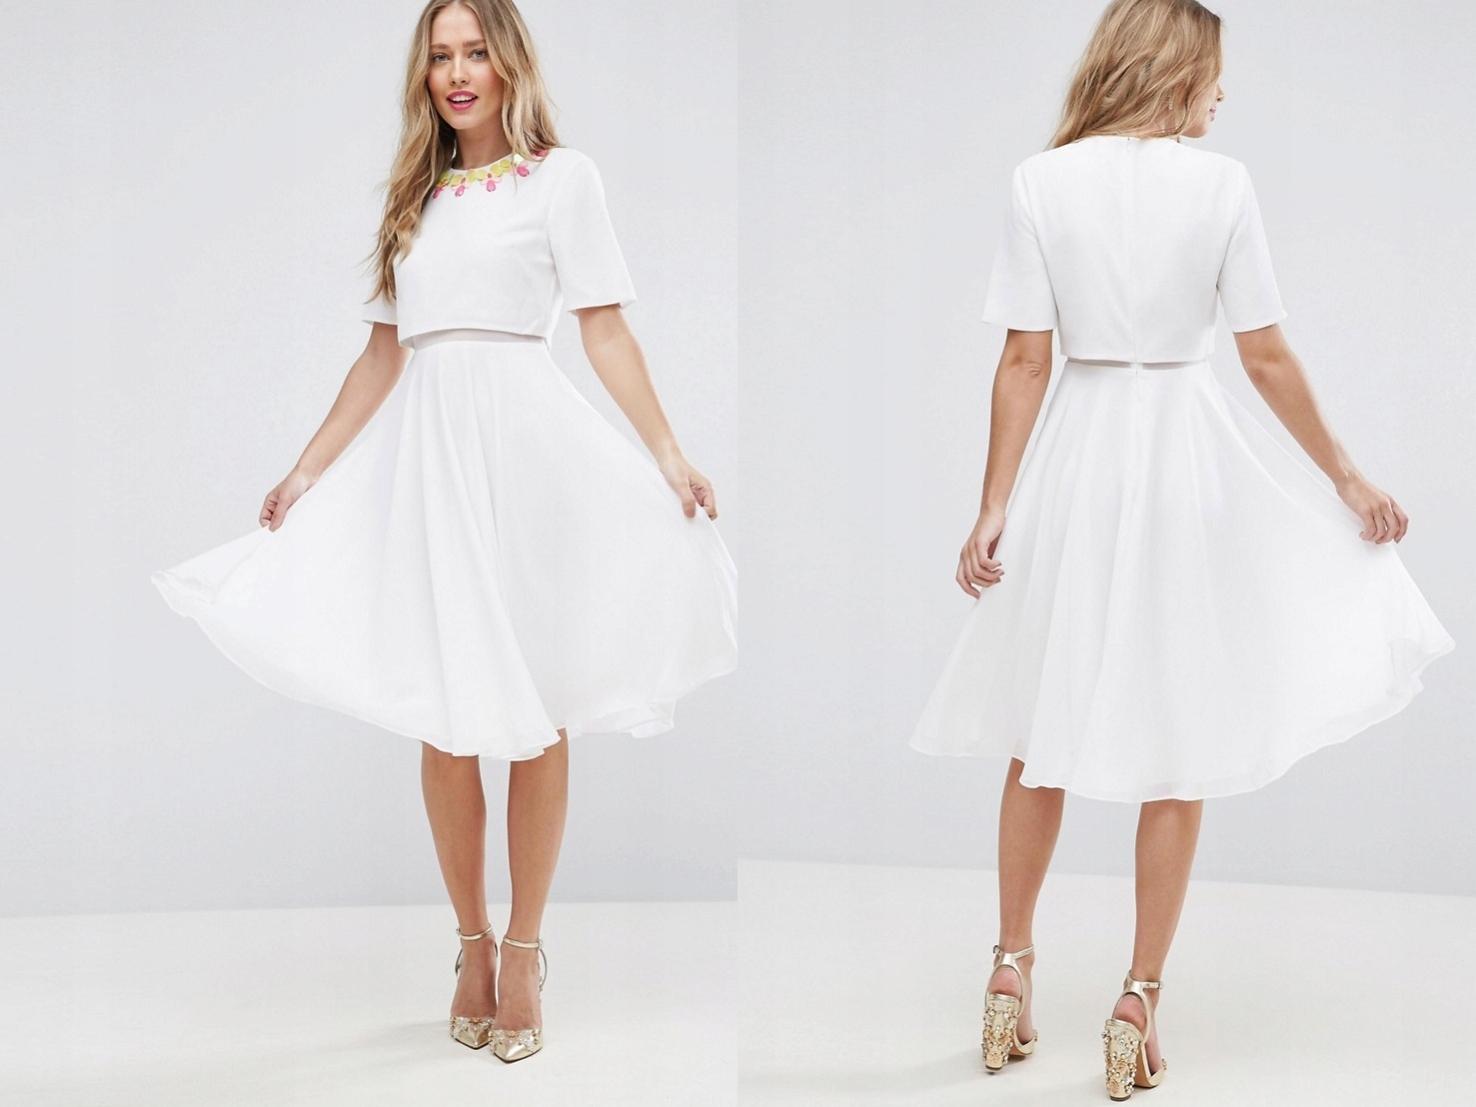 ab88e2e5c9 Biała Sukienka Rozkloszowana Krótki Rękaw L 40 - 7479603303 ...